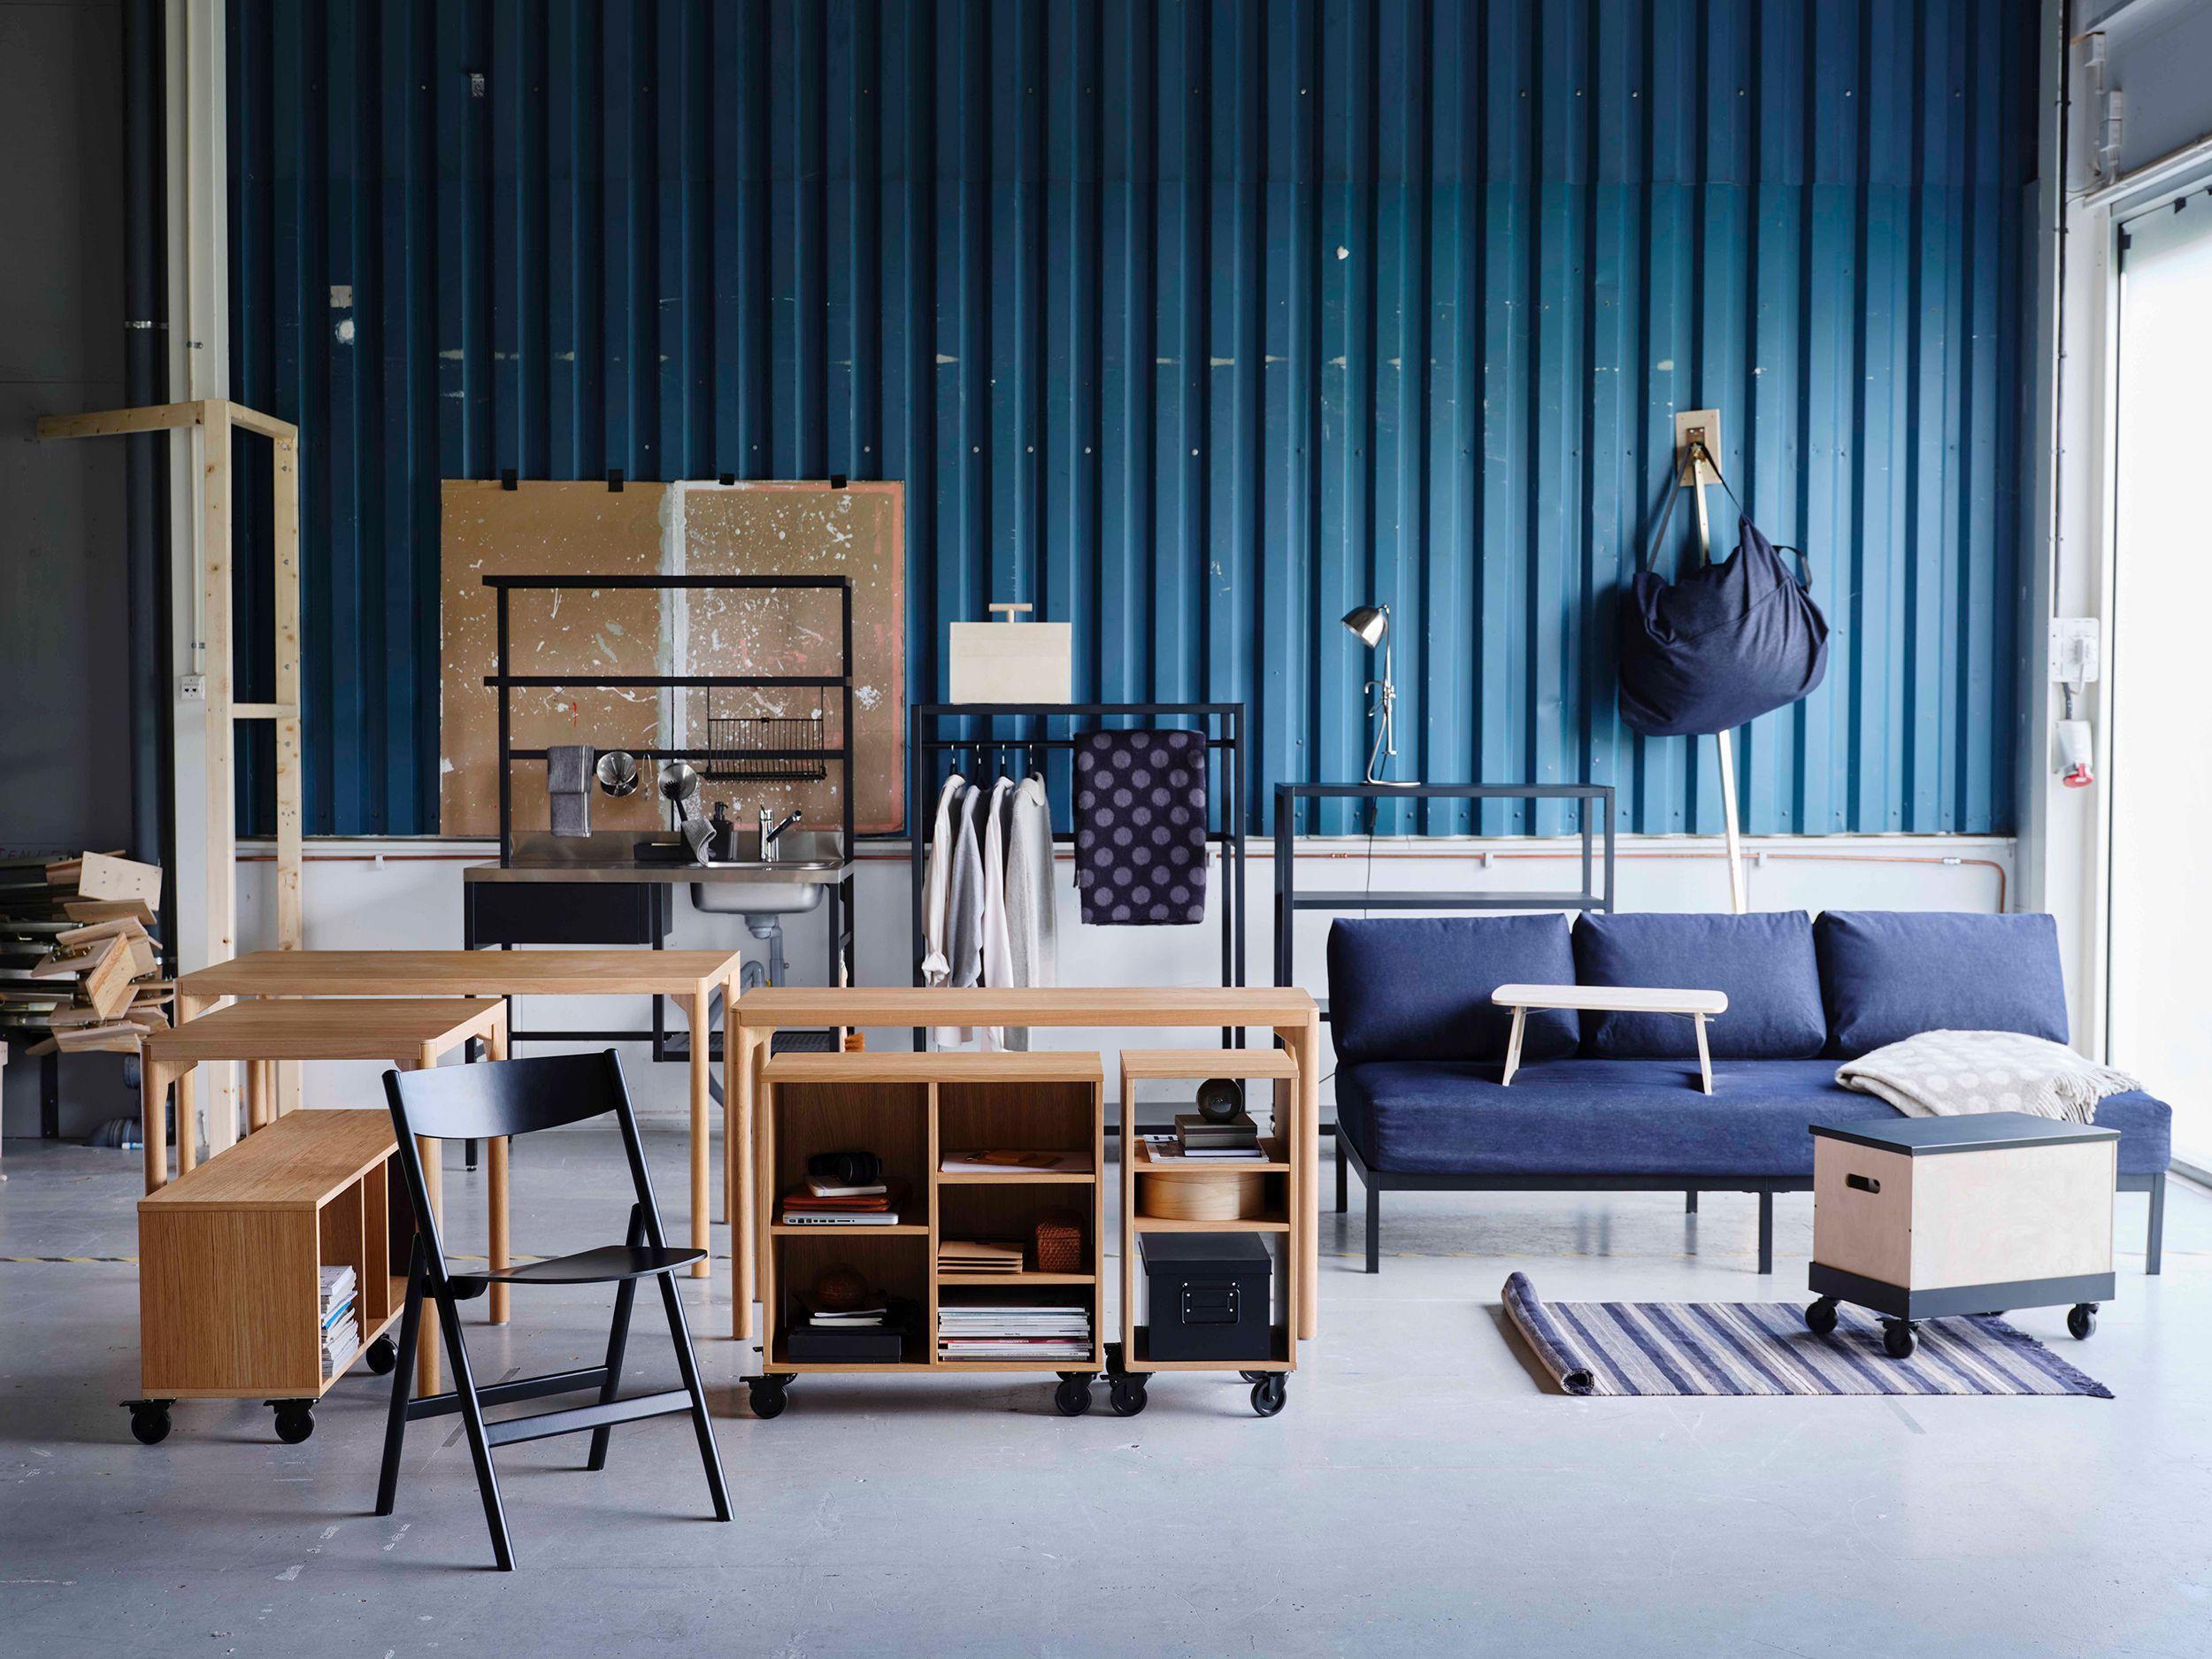 RÅVAROR: La edición limitada de IKEA diseñada para almas nómadas